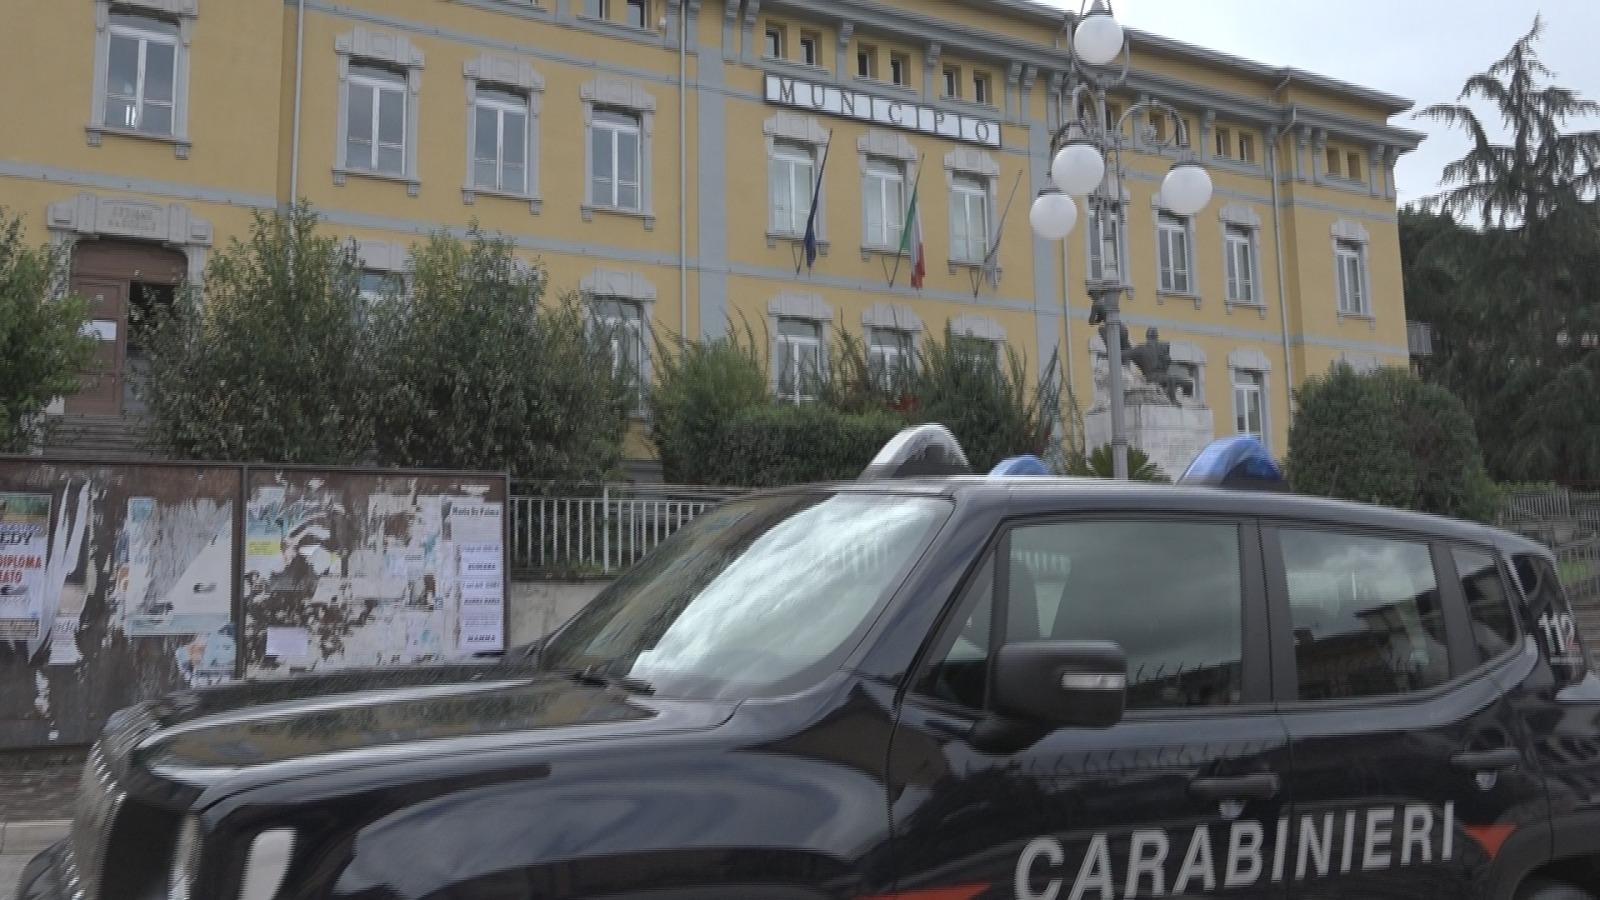 Pratola Serra| Scuola modulare, blitz dei carabinieri al Comune. Perquisizioni a casa di sindaco e assessori